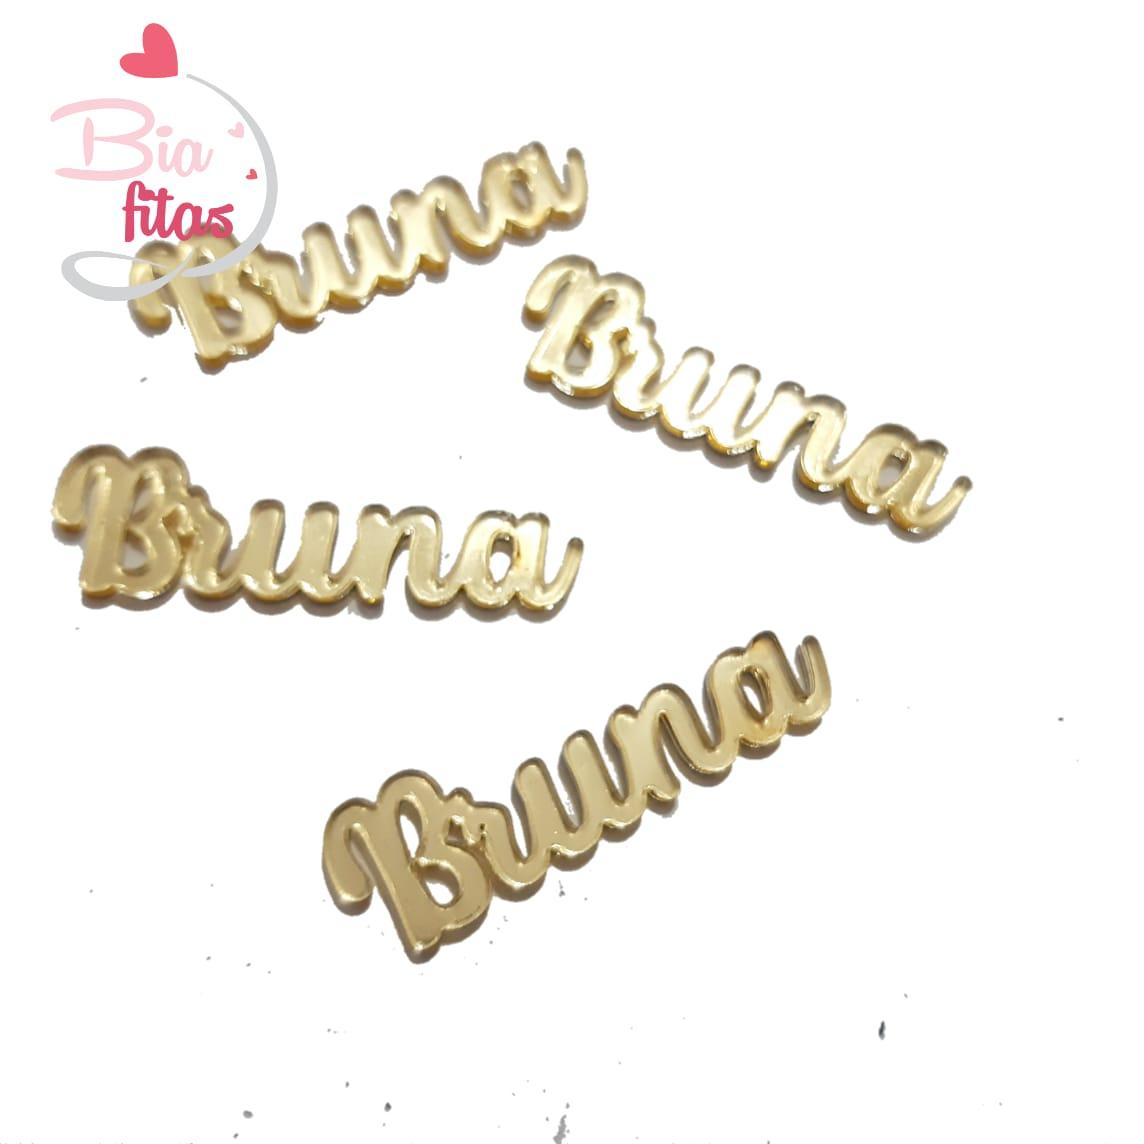 Nome Simples em Acrilico Dourado Espelhado - Bruna